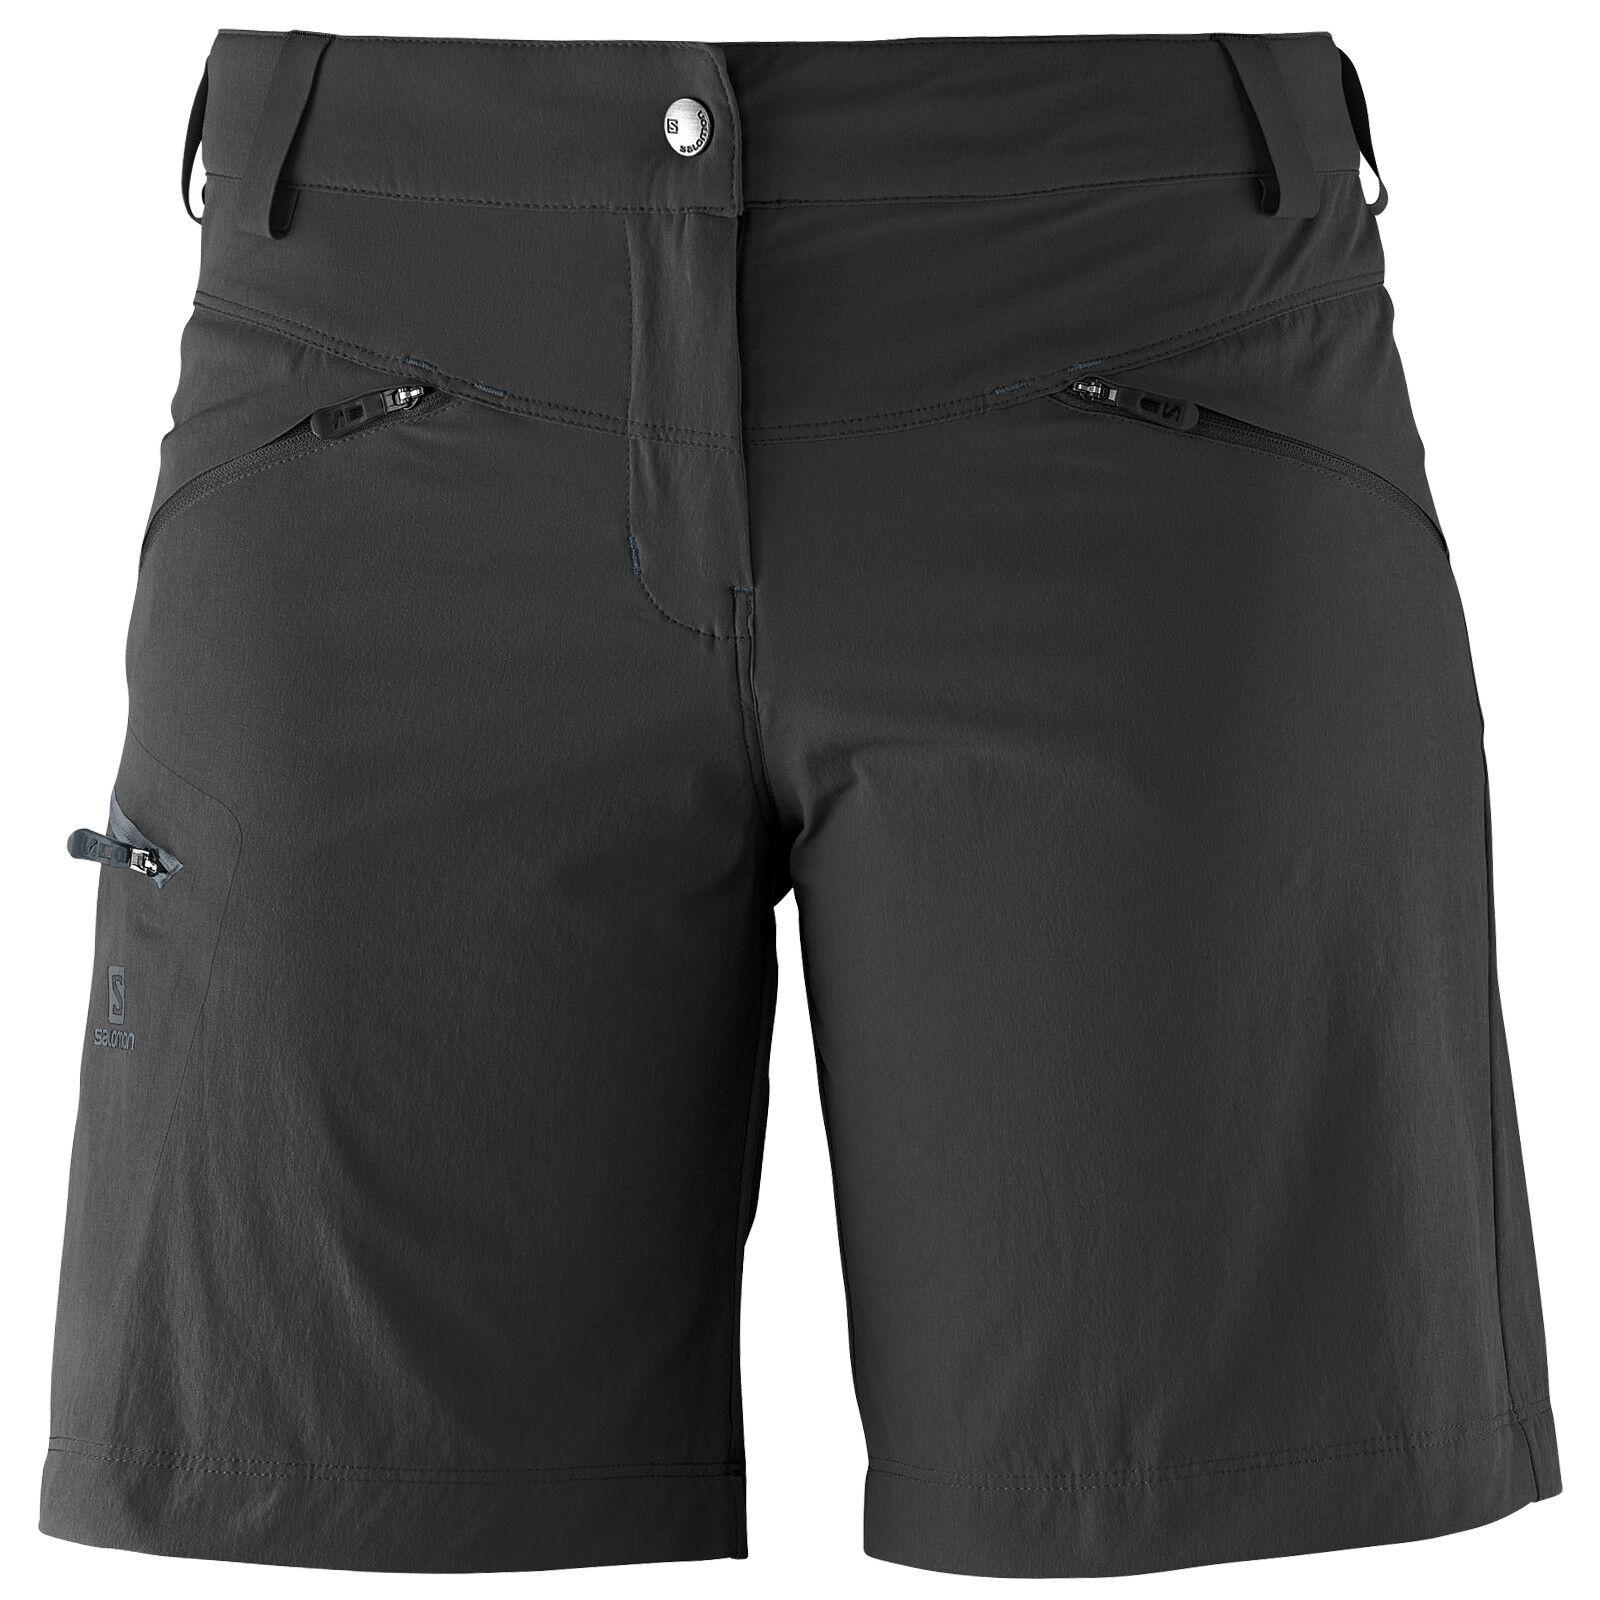 Salomon Wayfarer NEU Short Damen-Trekkinghose kurze Hose Short Funktionshose NEU Wayfarer b65a7a